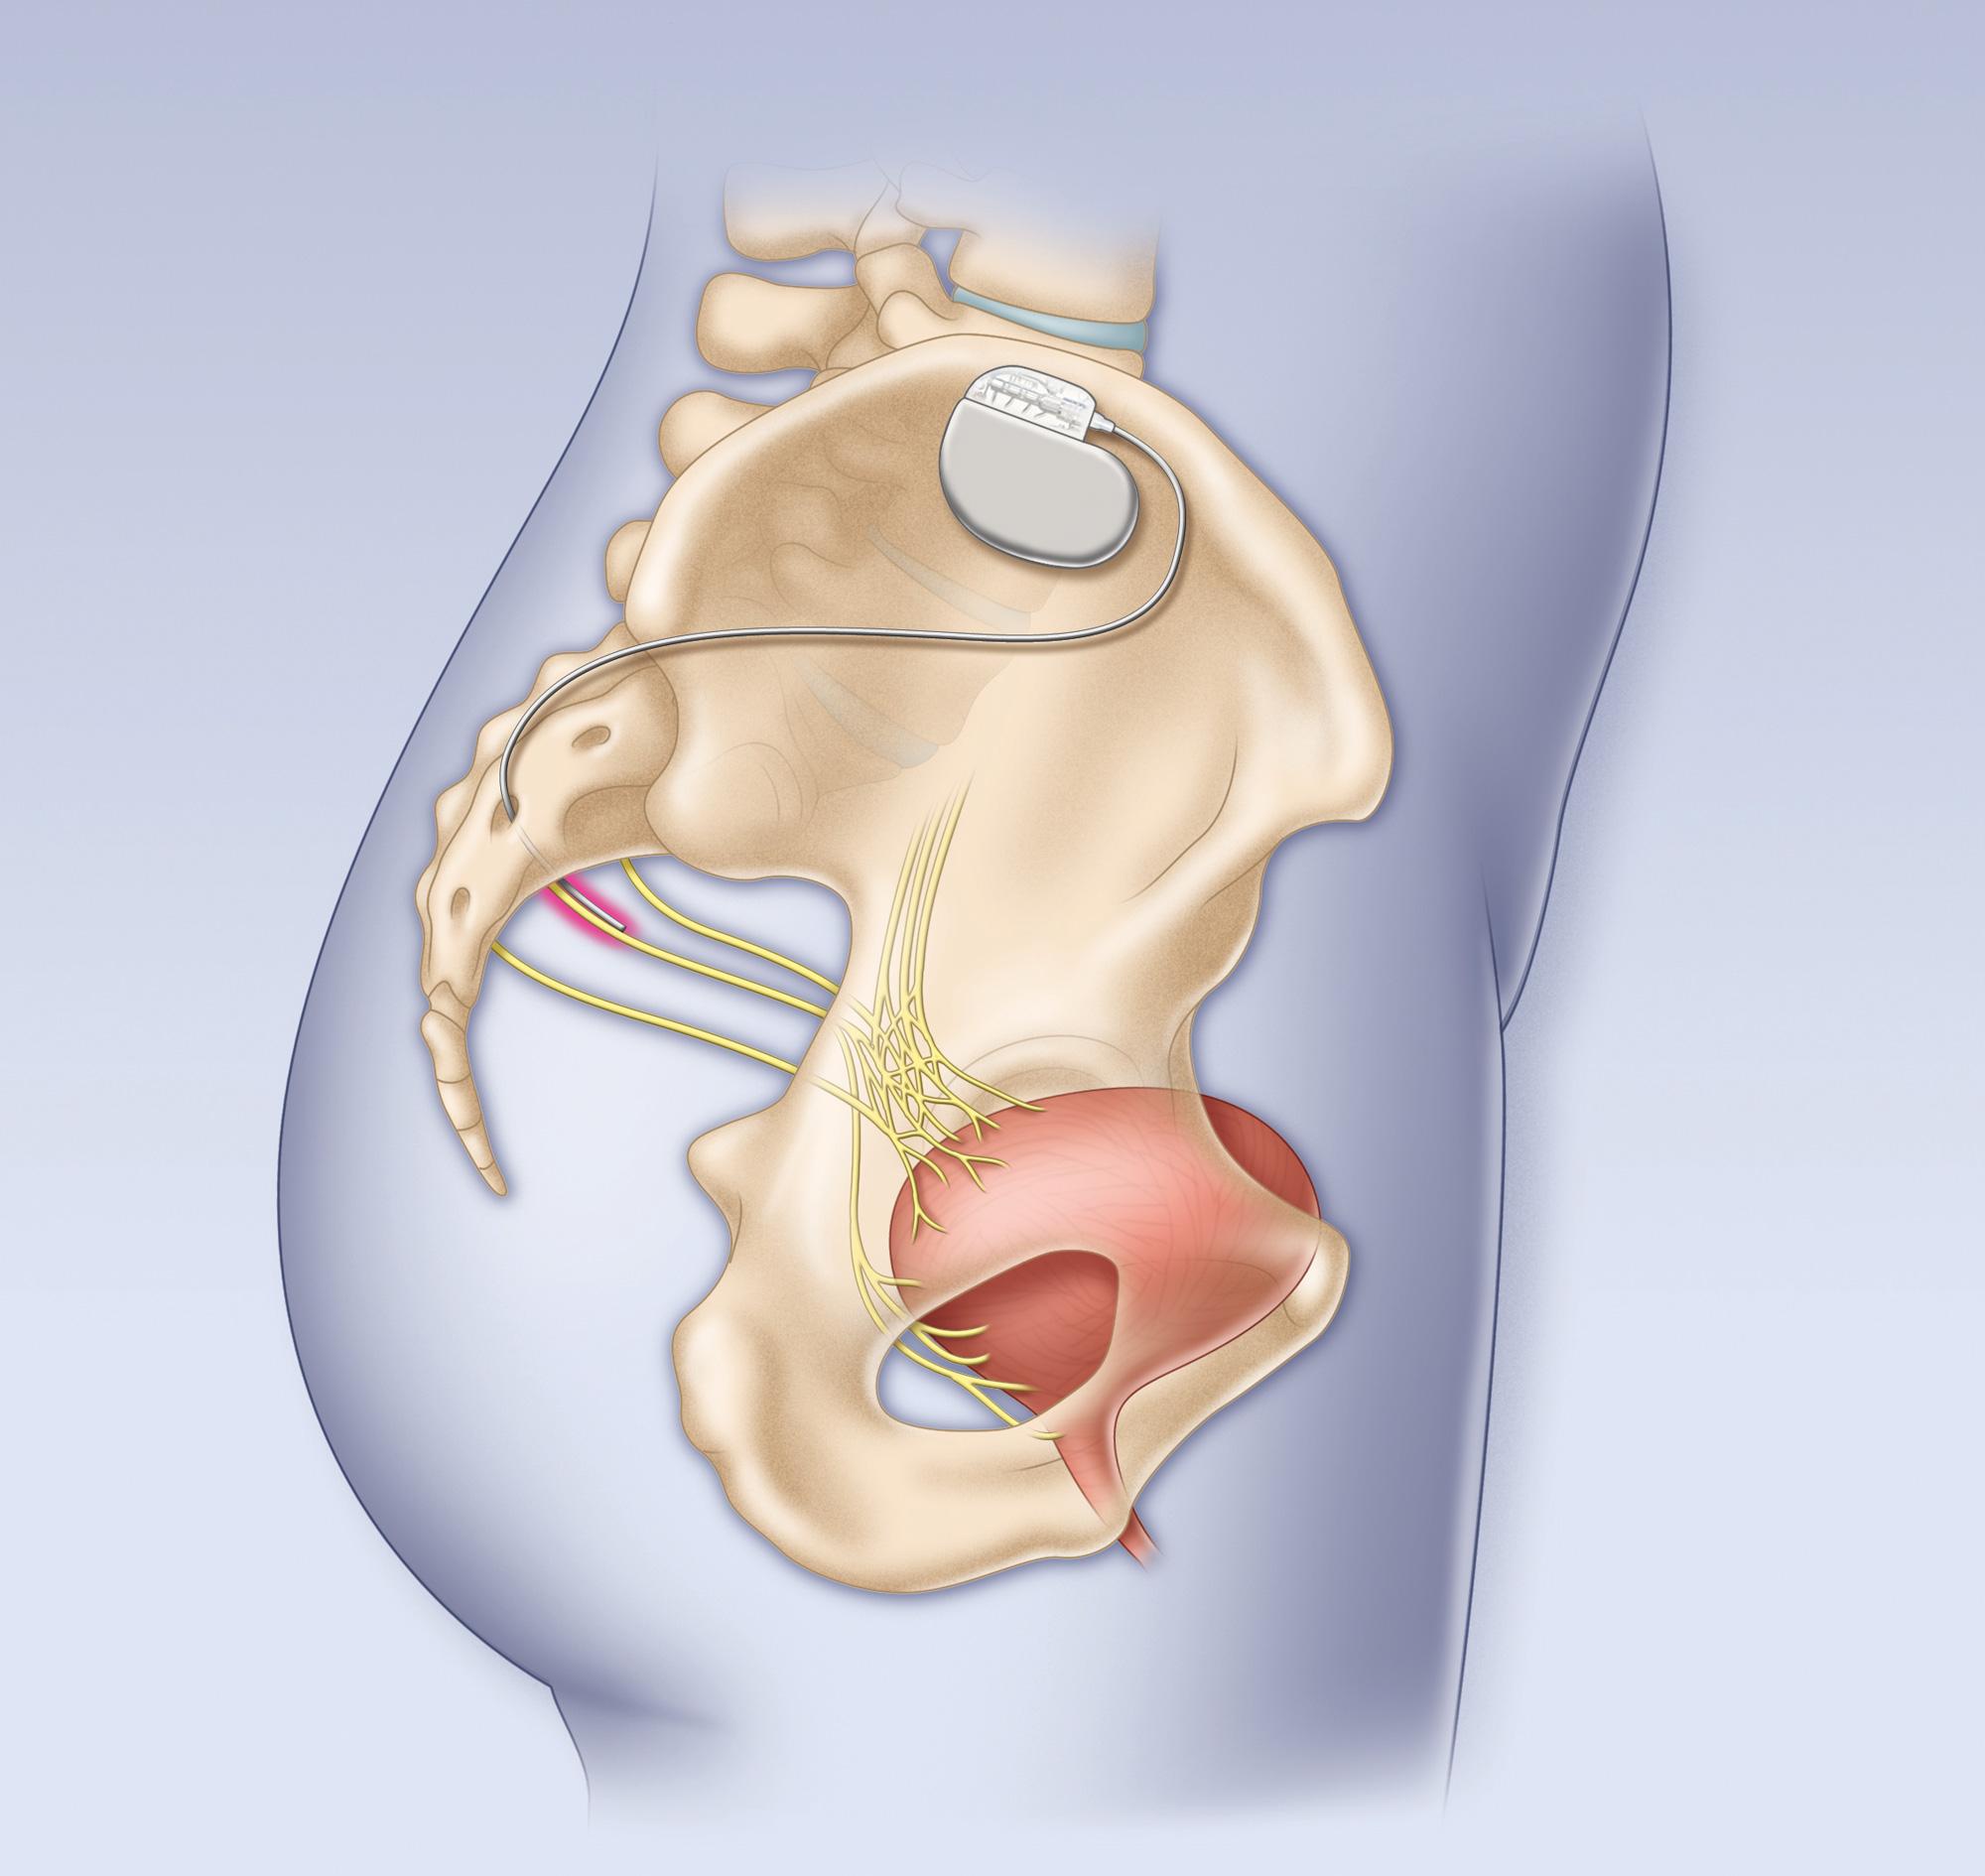 Bladder pacemaker